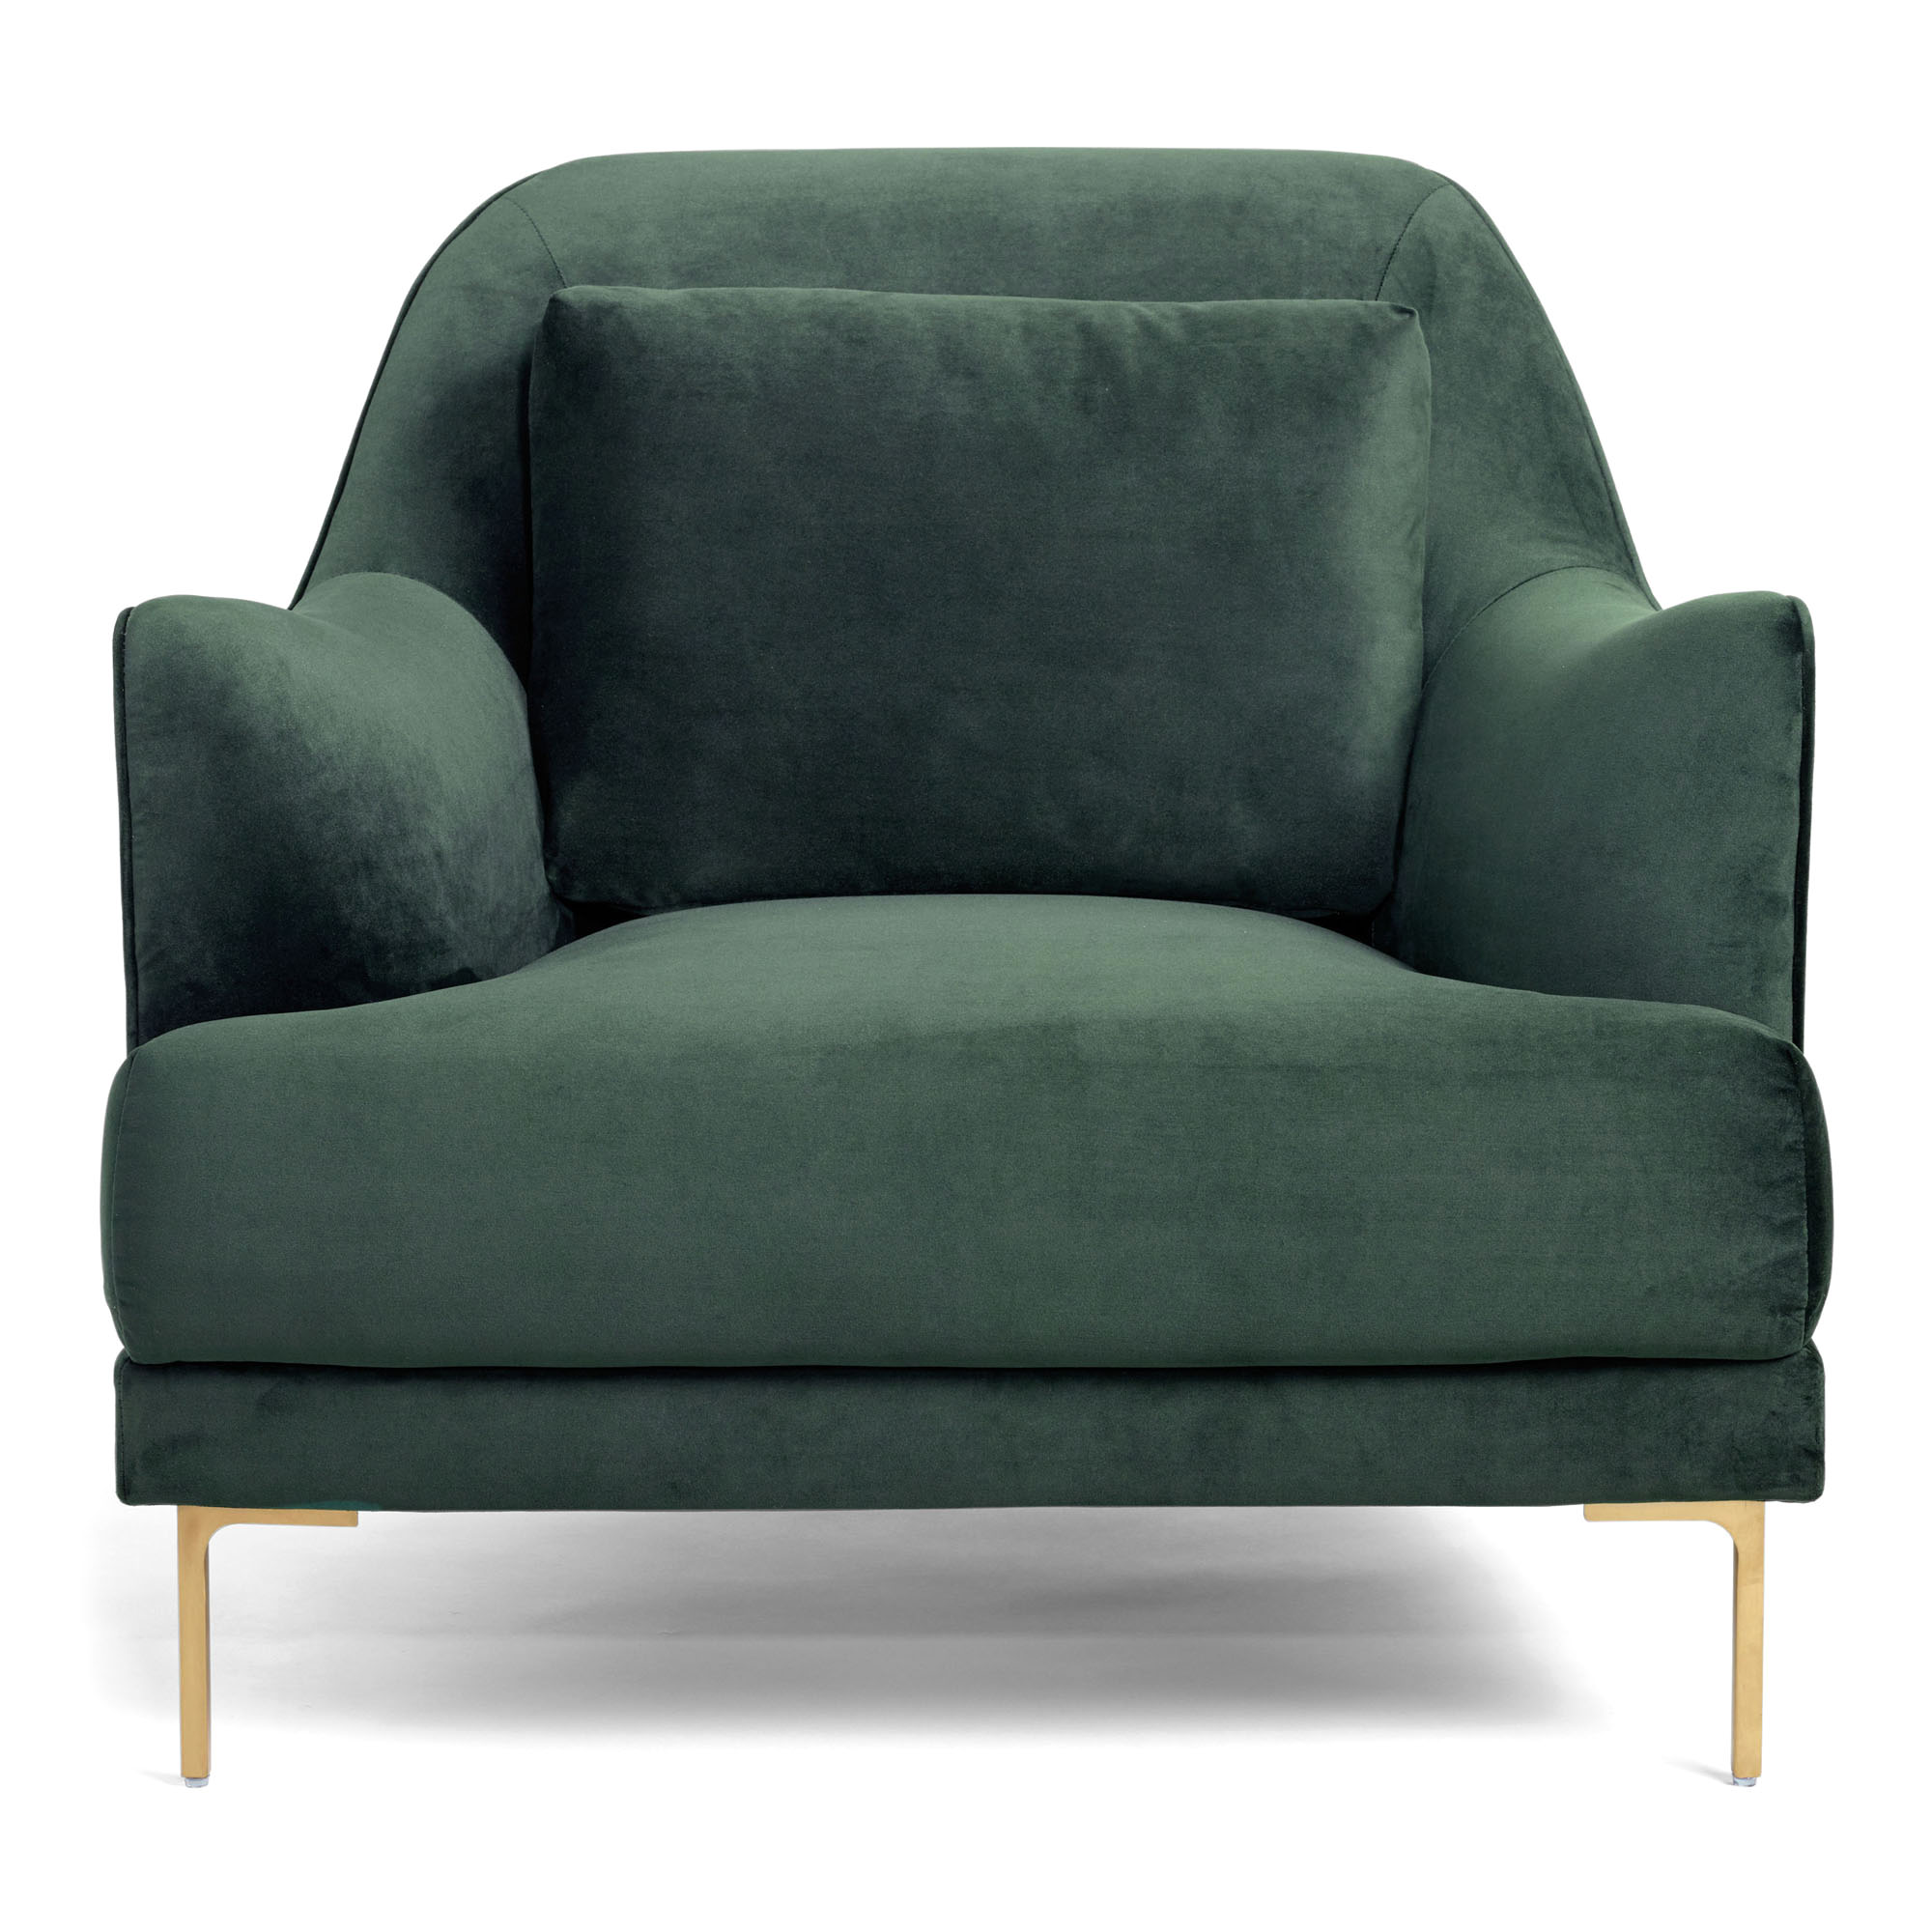 green velvet samara chair